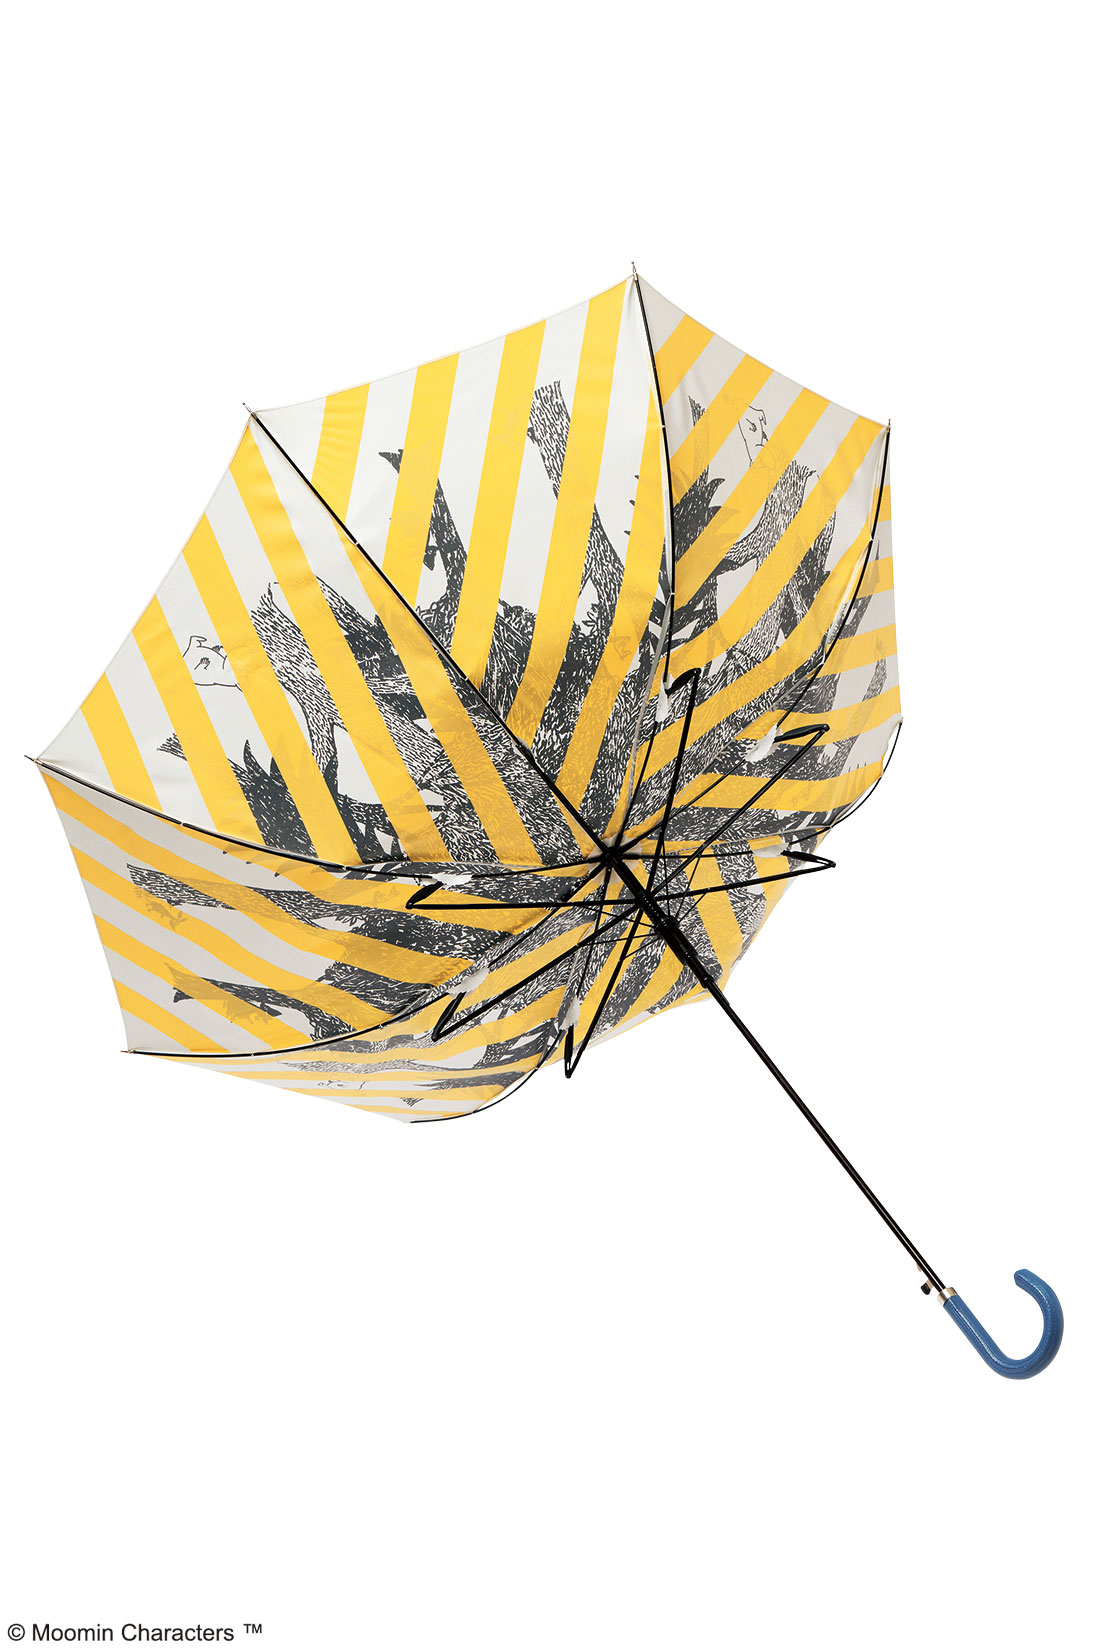 突風が吹いて傘がひっくり返っても、そのまま閉じれば元通りになります。